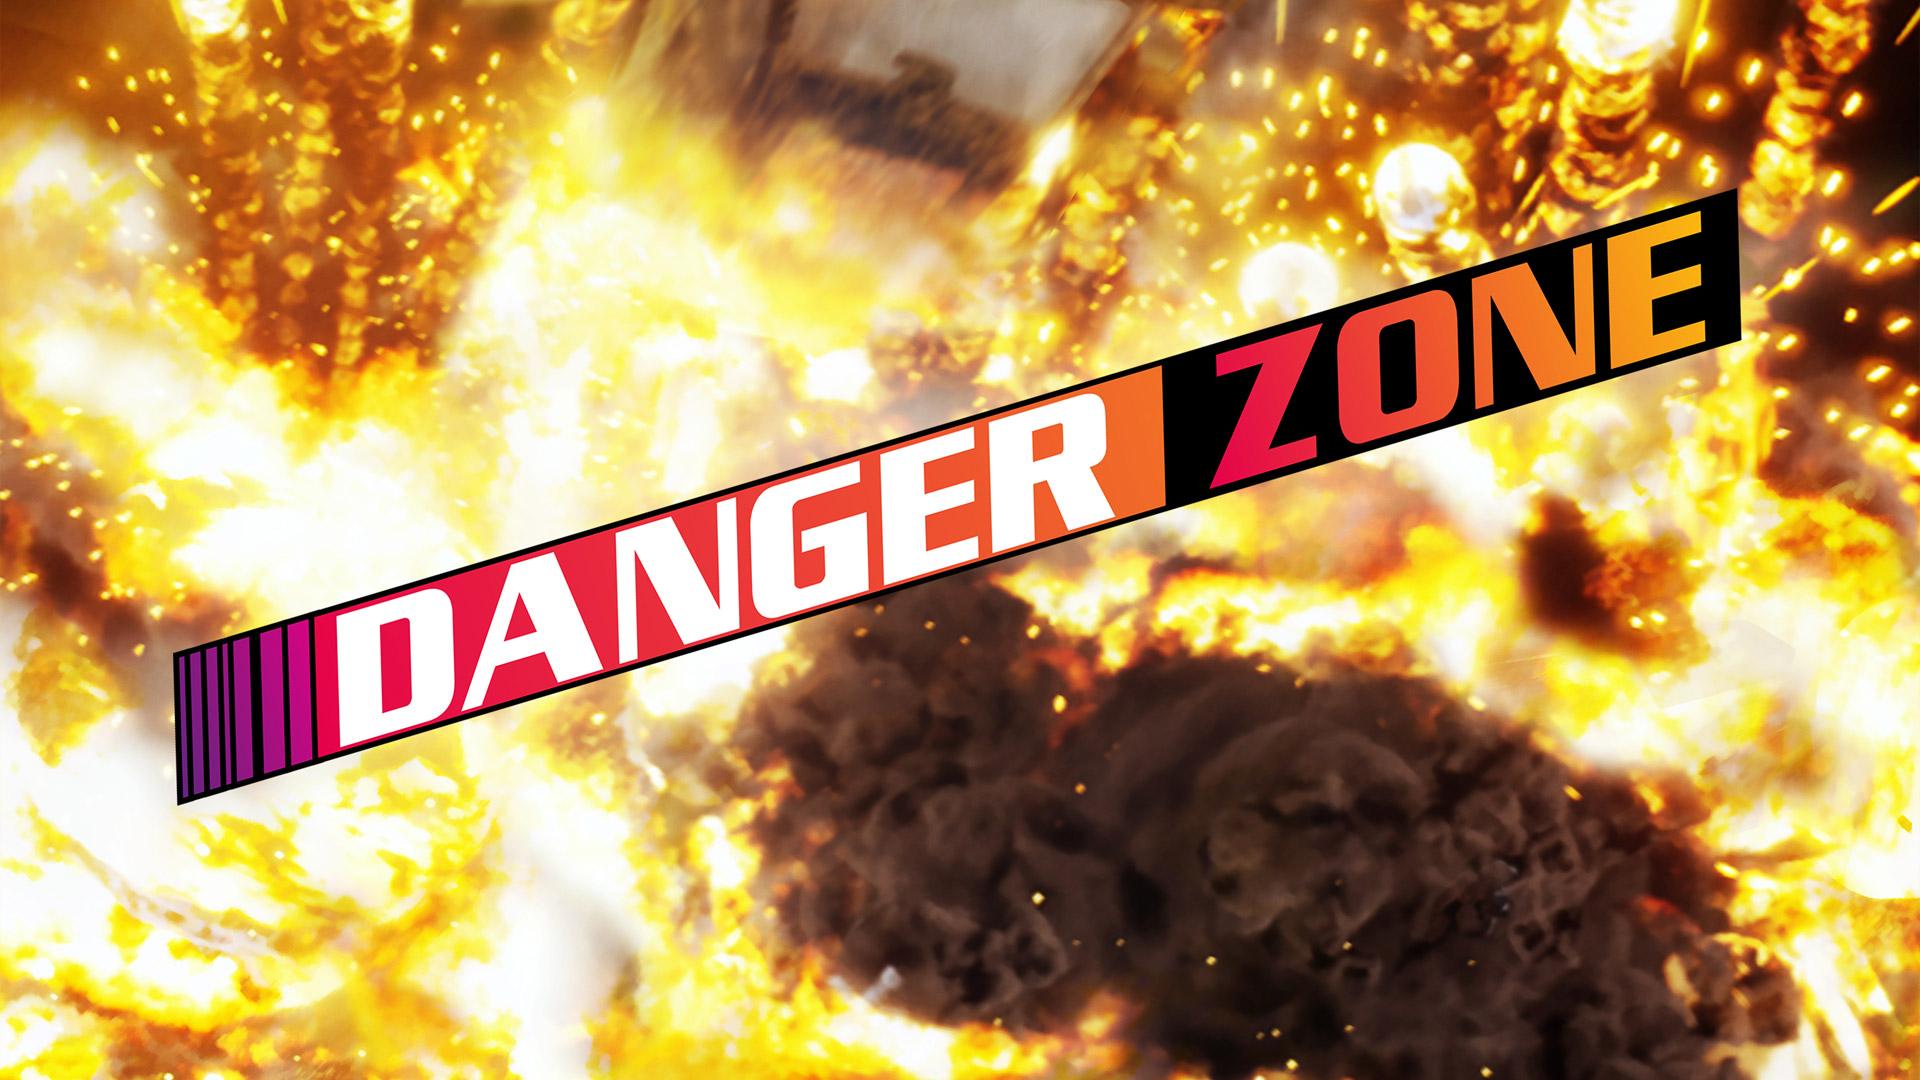 Free Danger Zone Wallpaper in 1920x1080